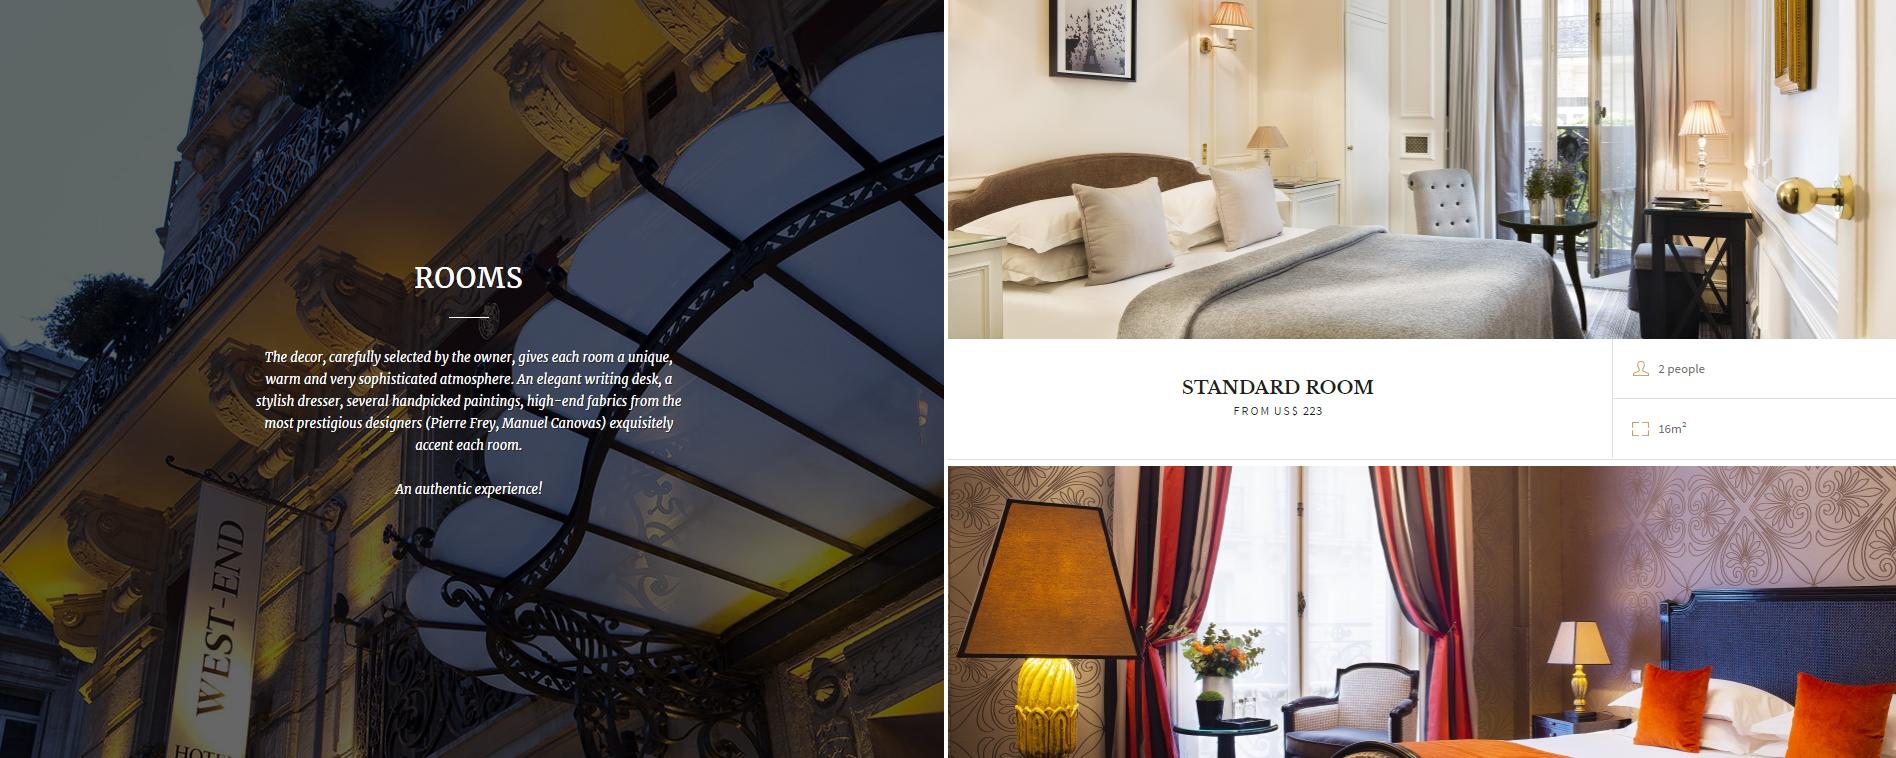 Galeria de fotos dos quartos do website do Hotel West End